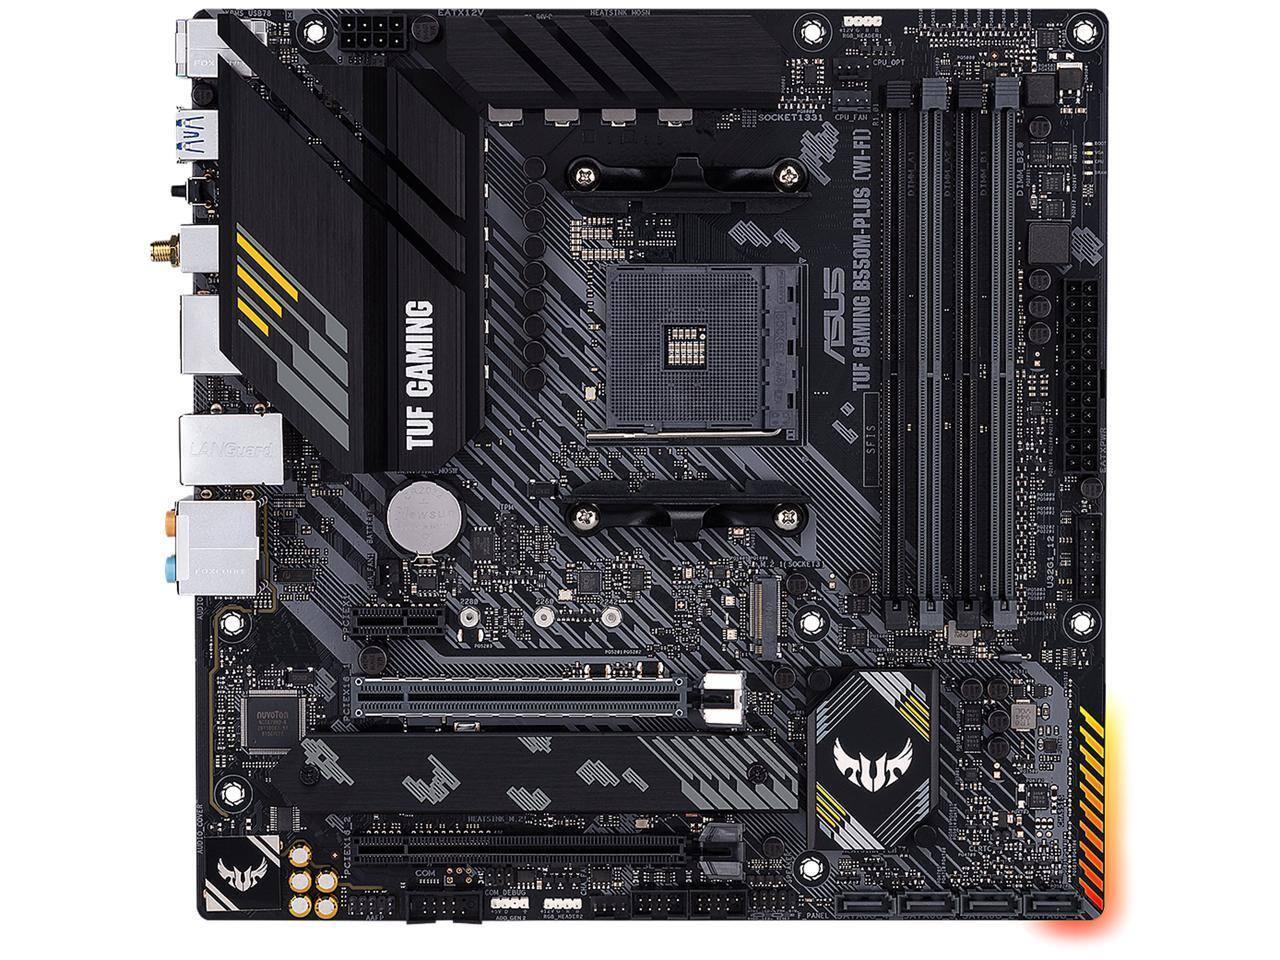 ASUS TUF GAMING B550M-PLUS (Wi-Fi) AM4 MATX Motherboard $150